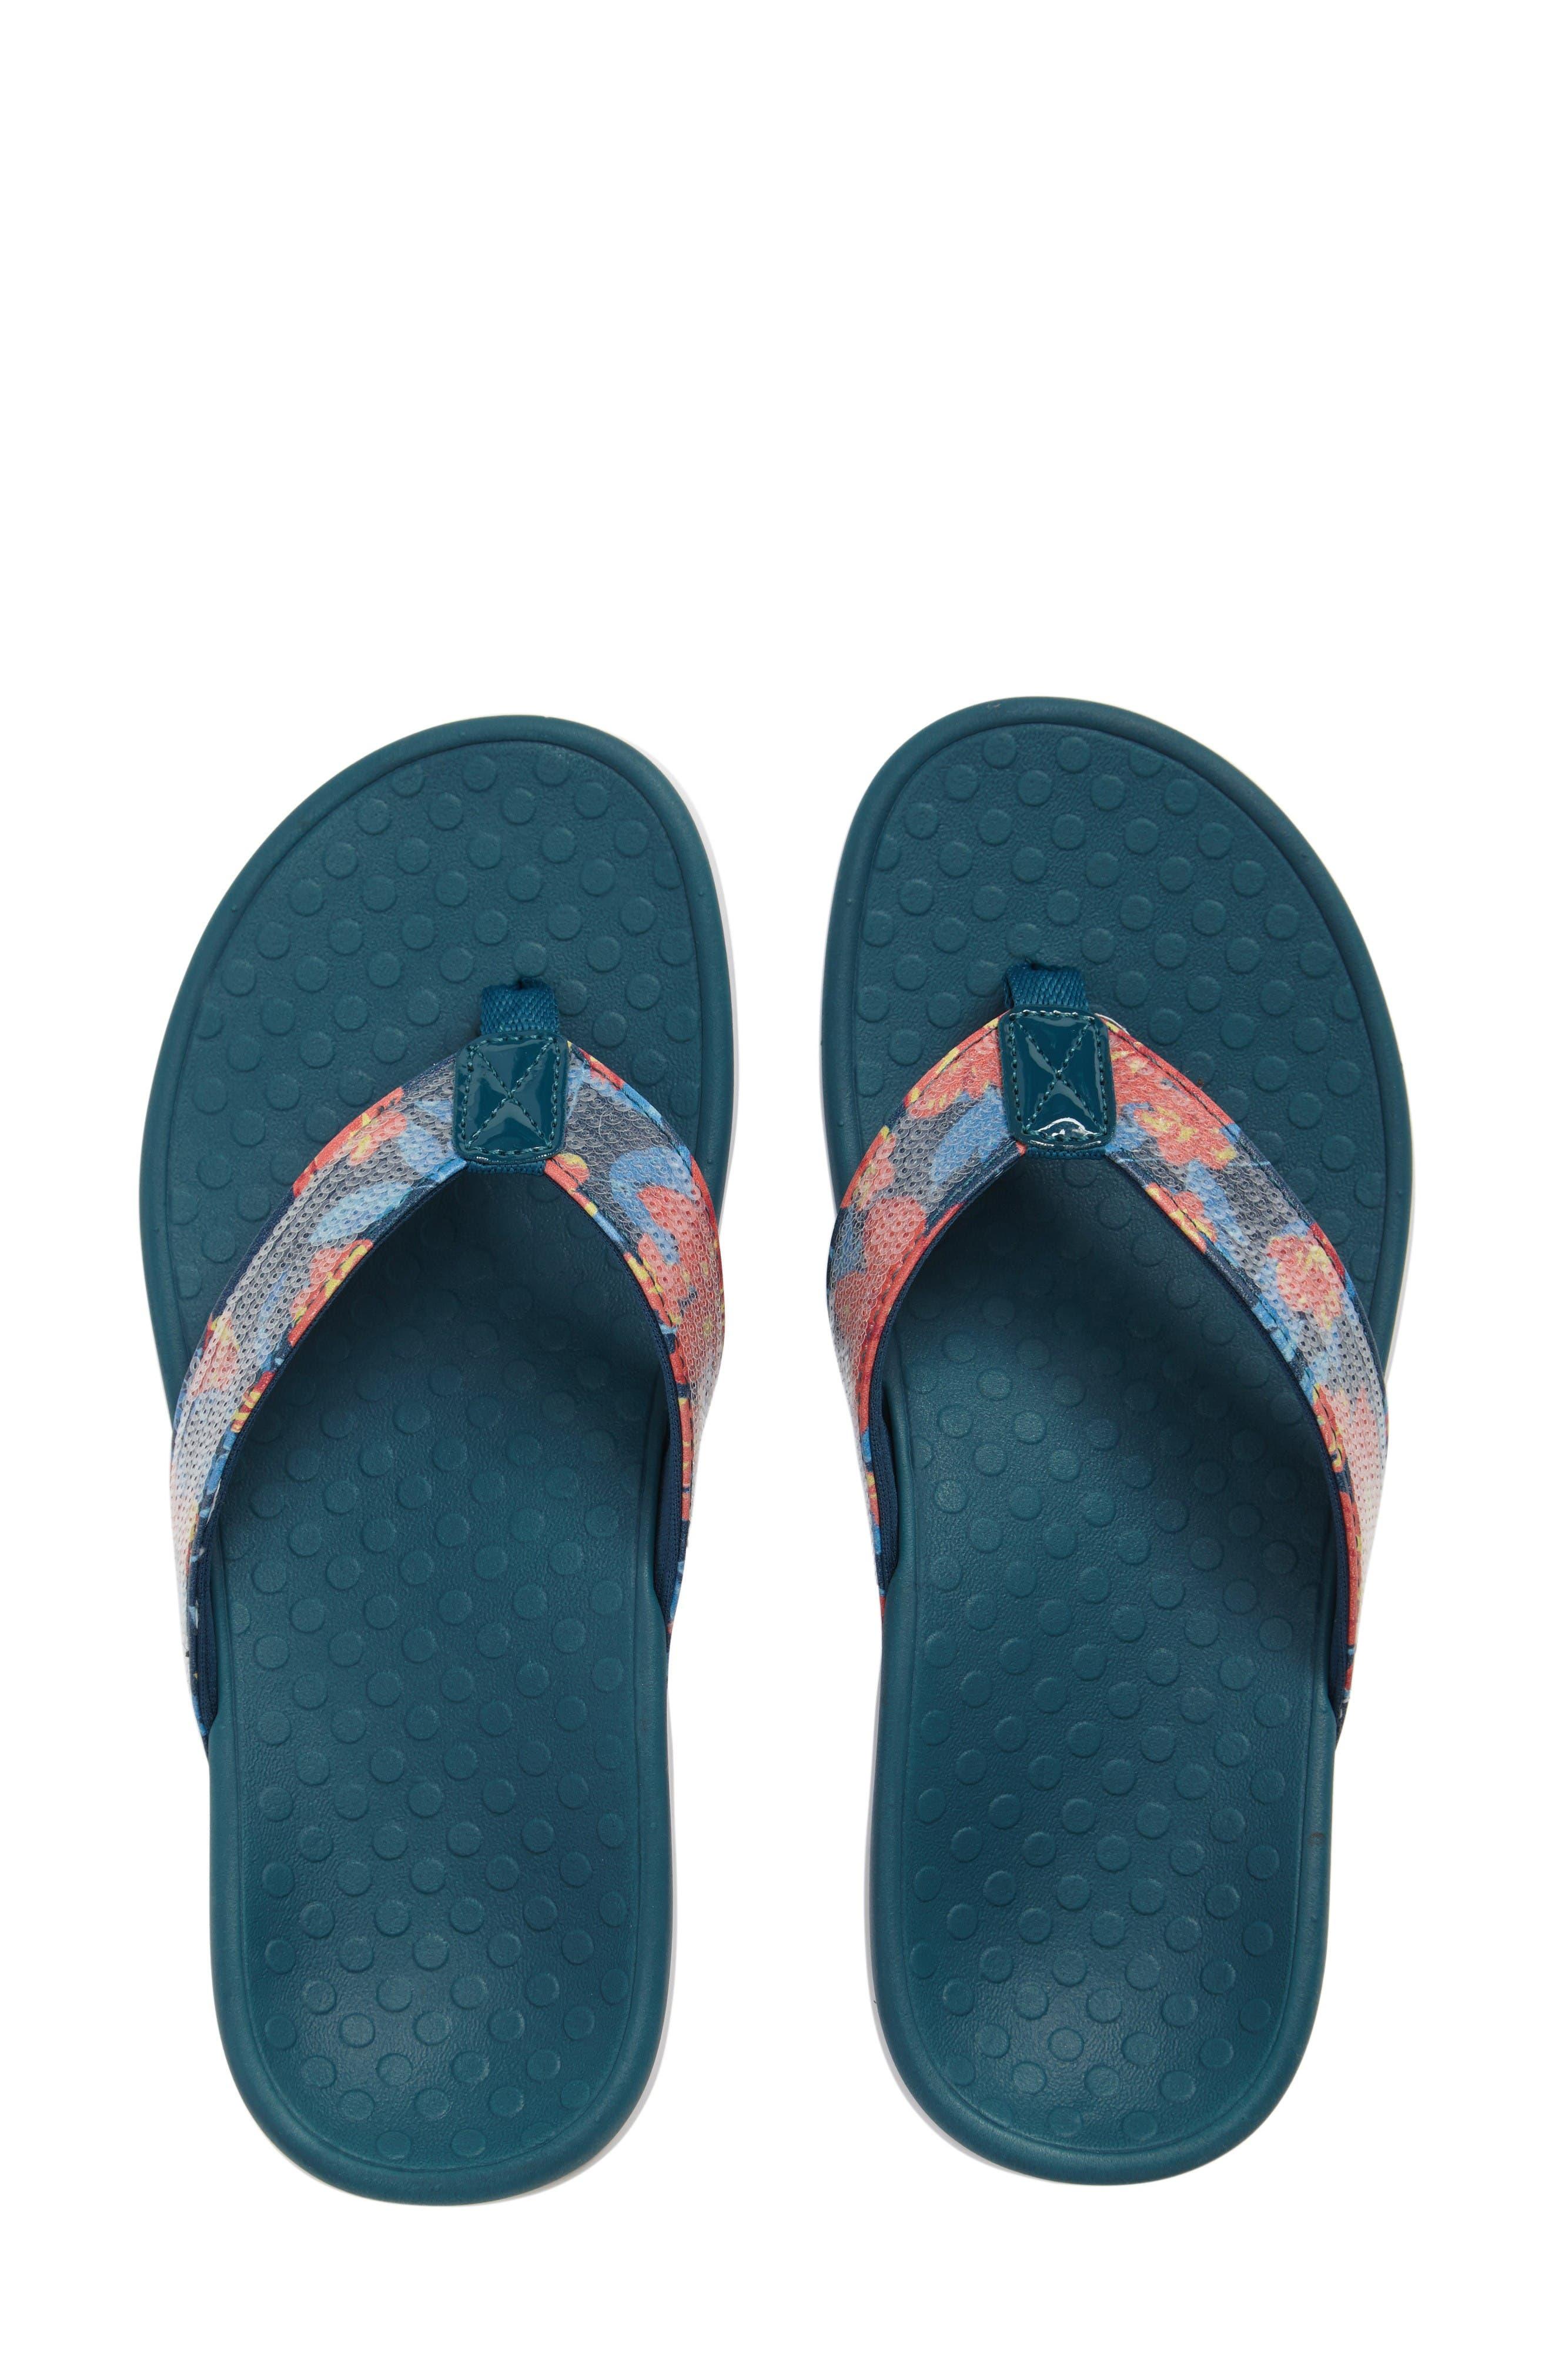 Alternate Image 1 Selected - Vionic 'Tide' Sequin Flip Flop